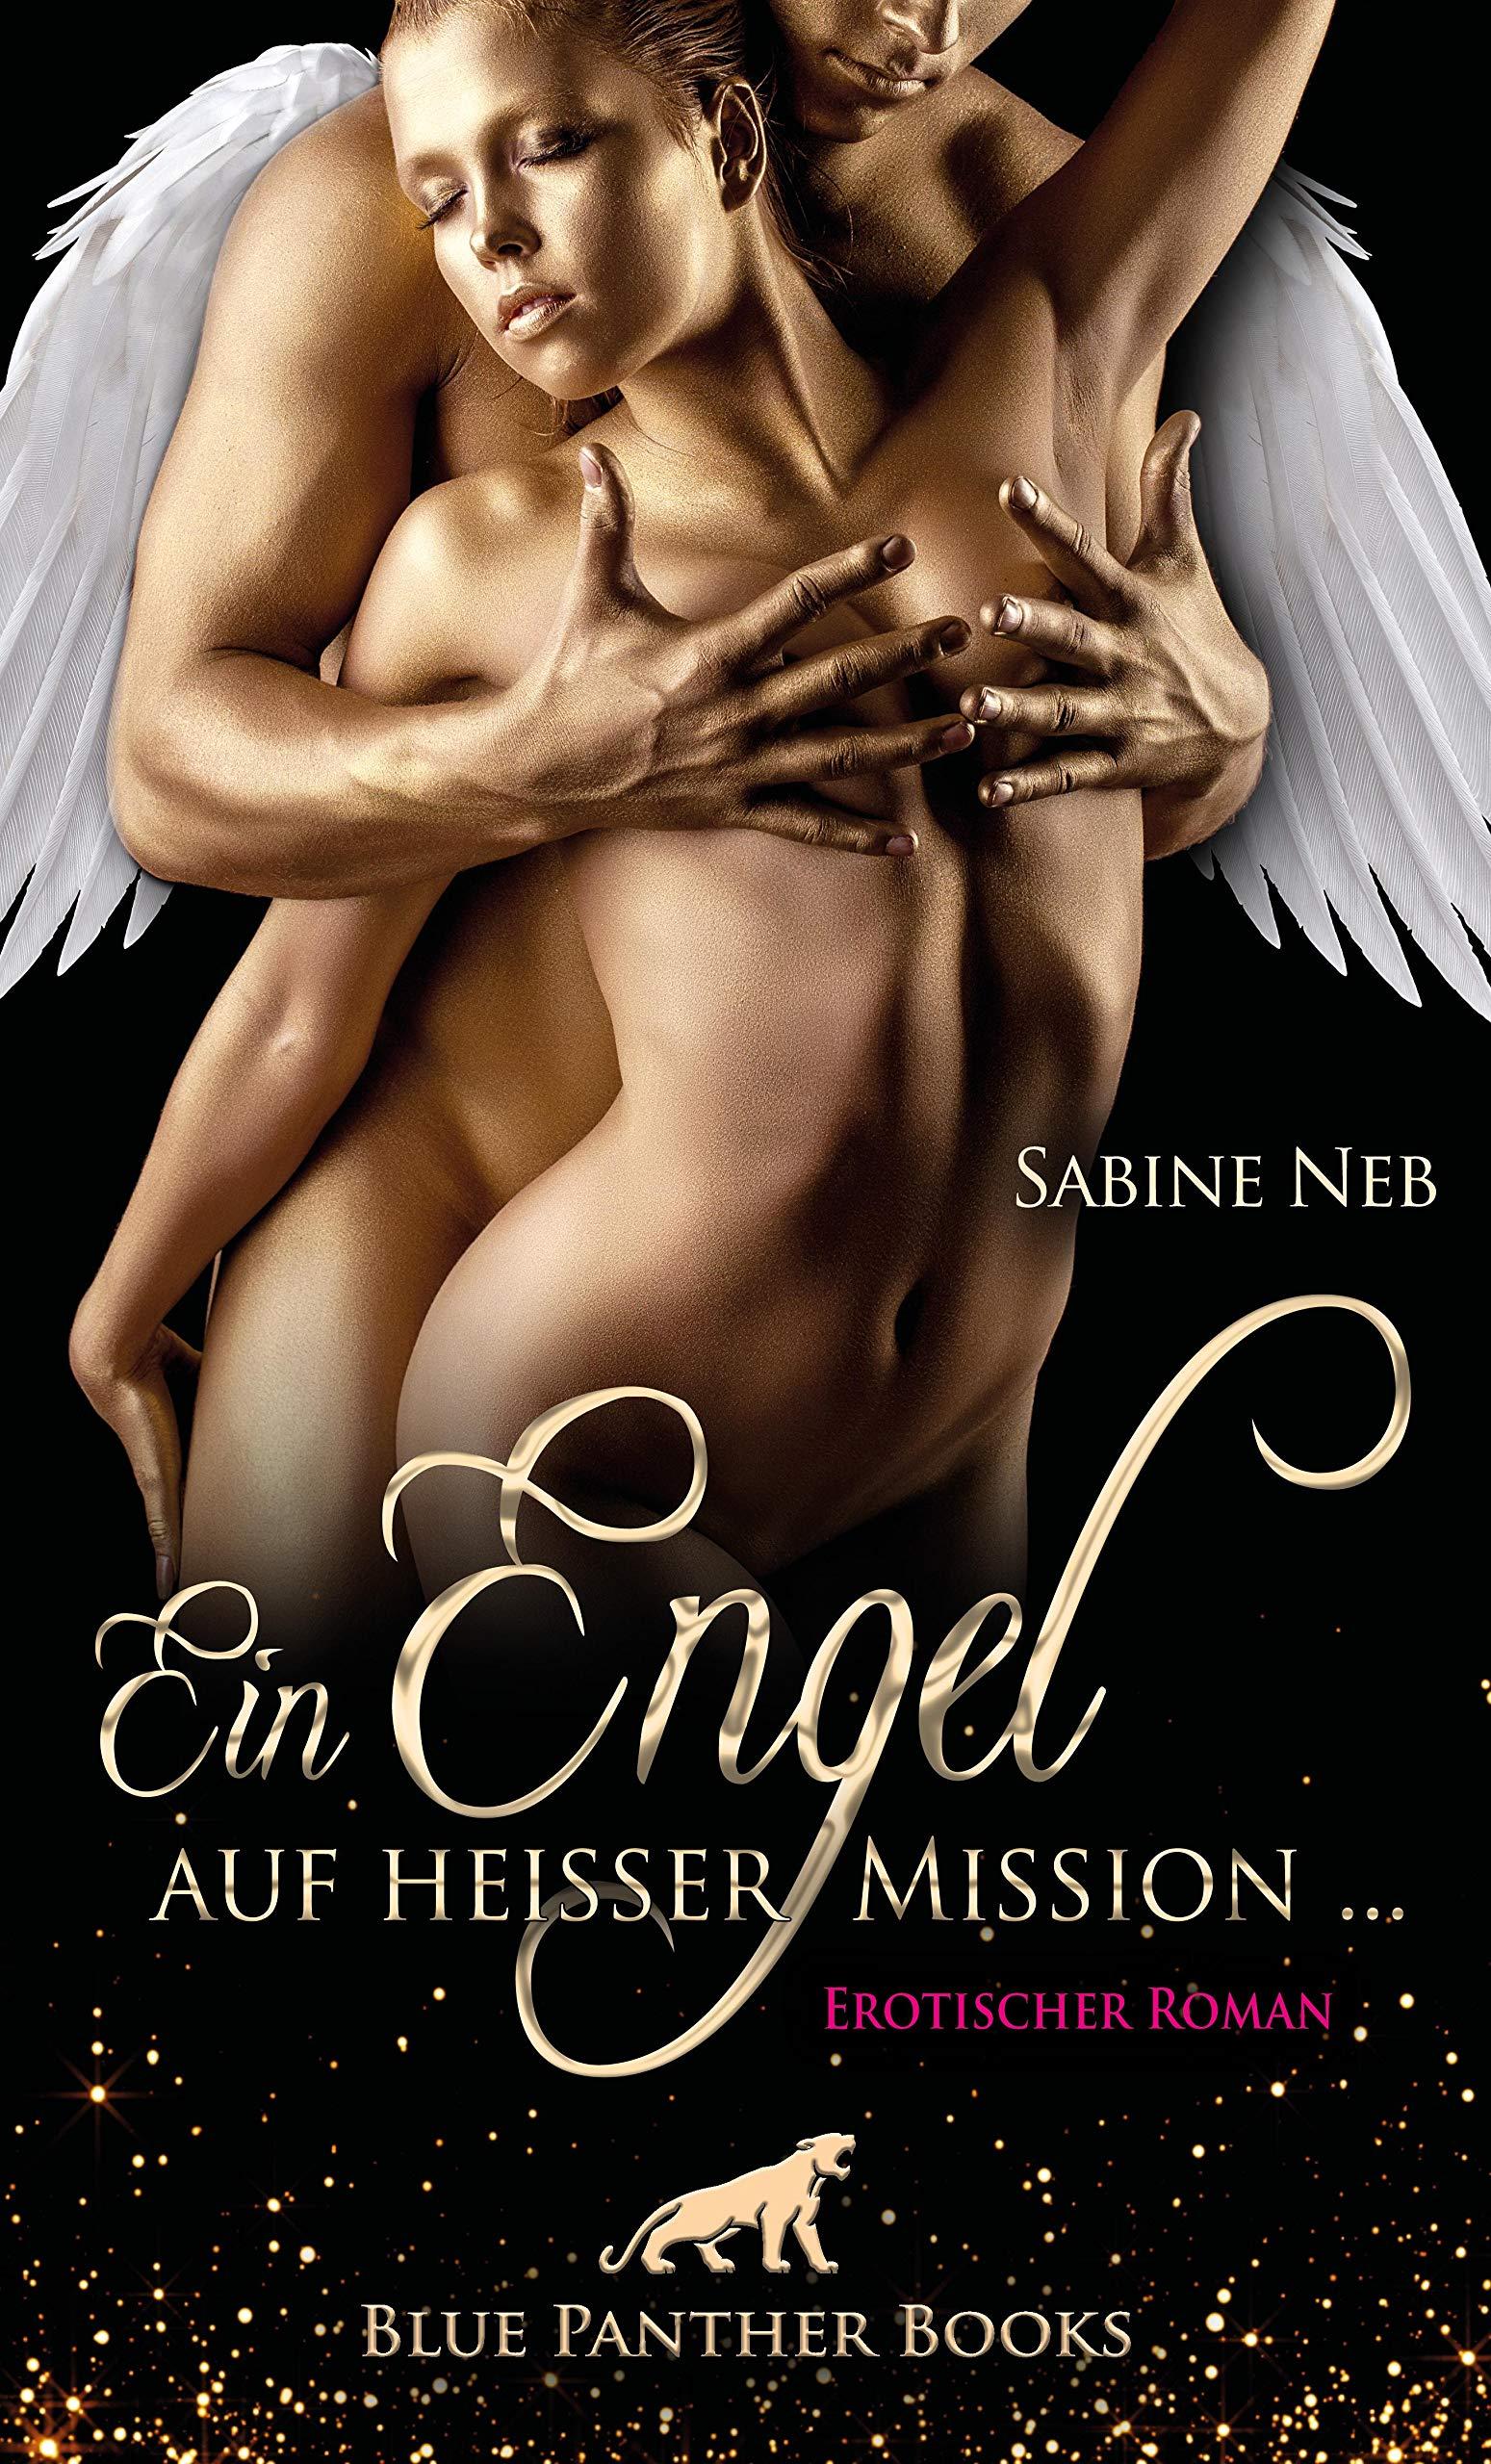 Ein Engel auf heißer Mission ...   Erotischer Roman: Ein erotischer Schlagabtausch um Lust, Verlangen & Sex ...